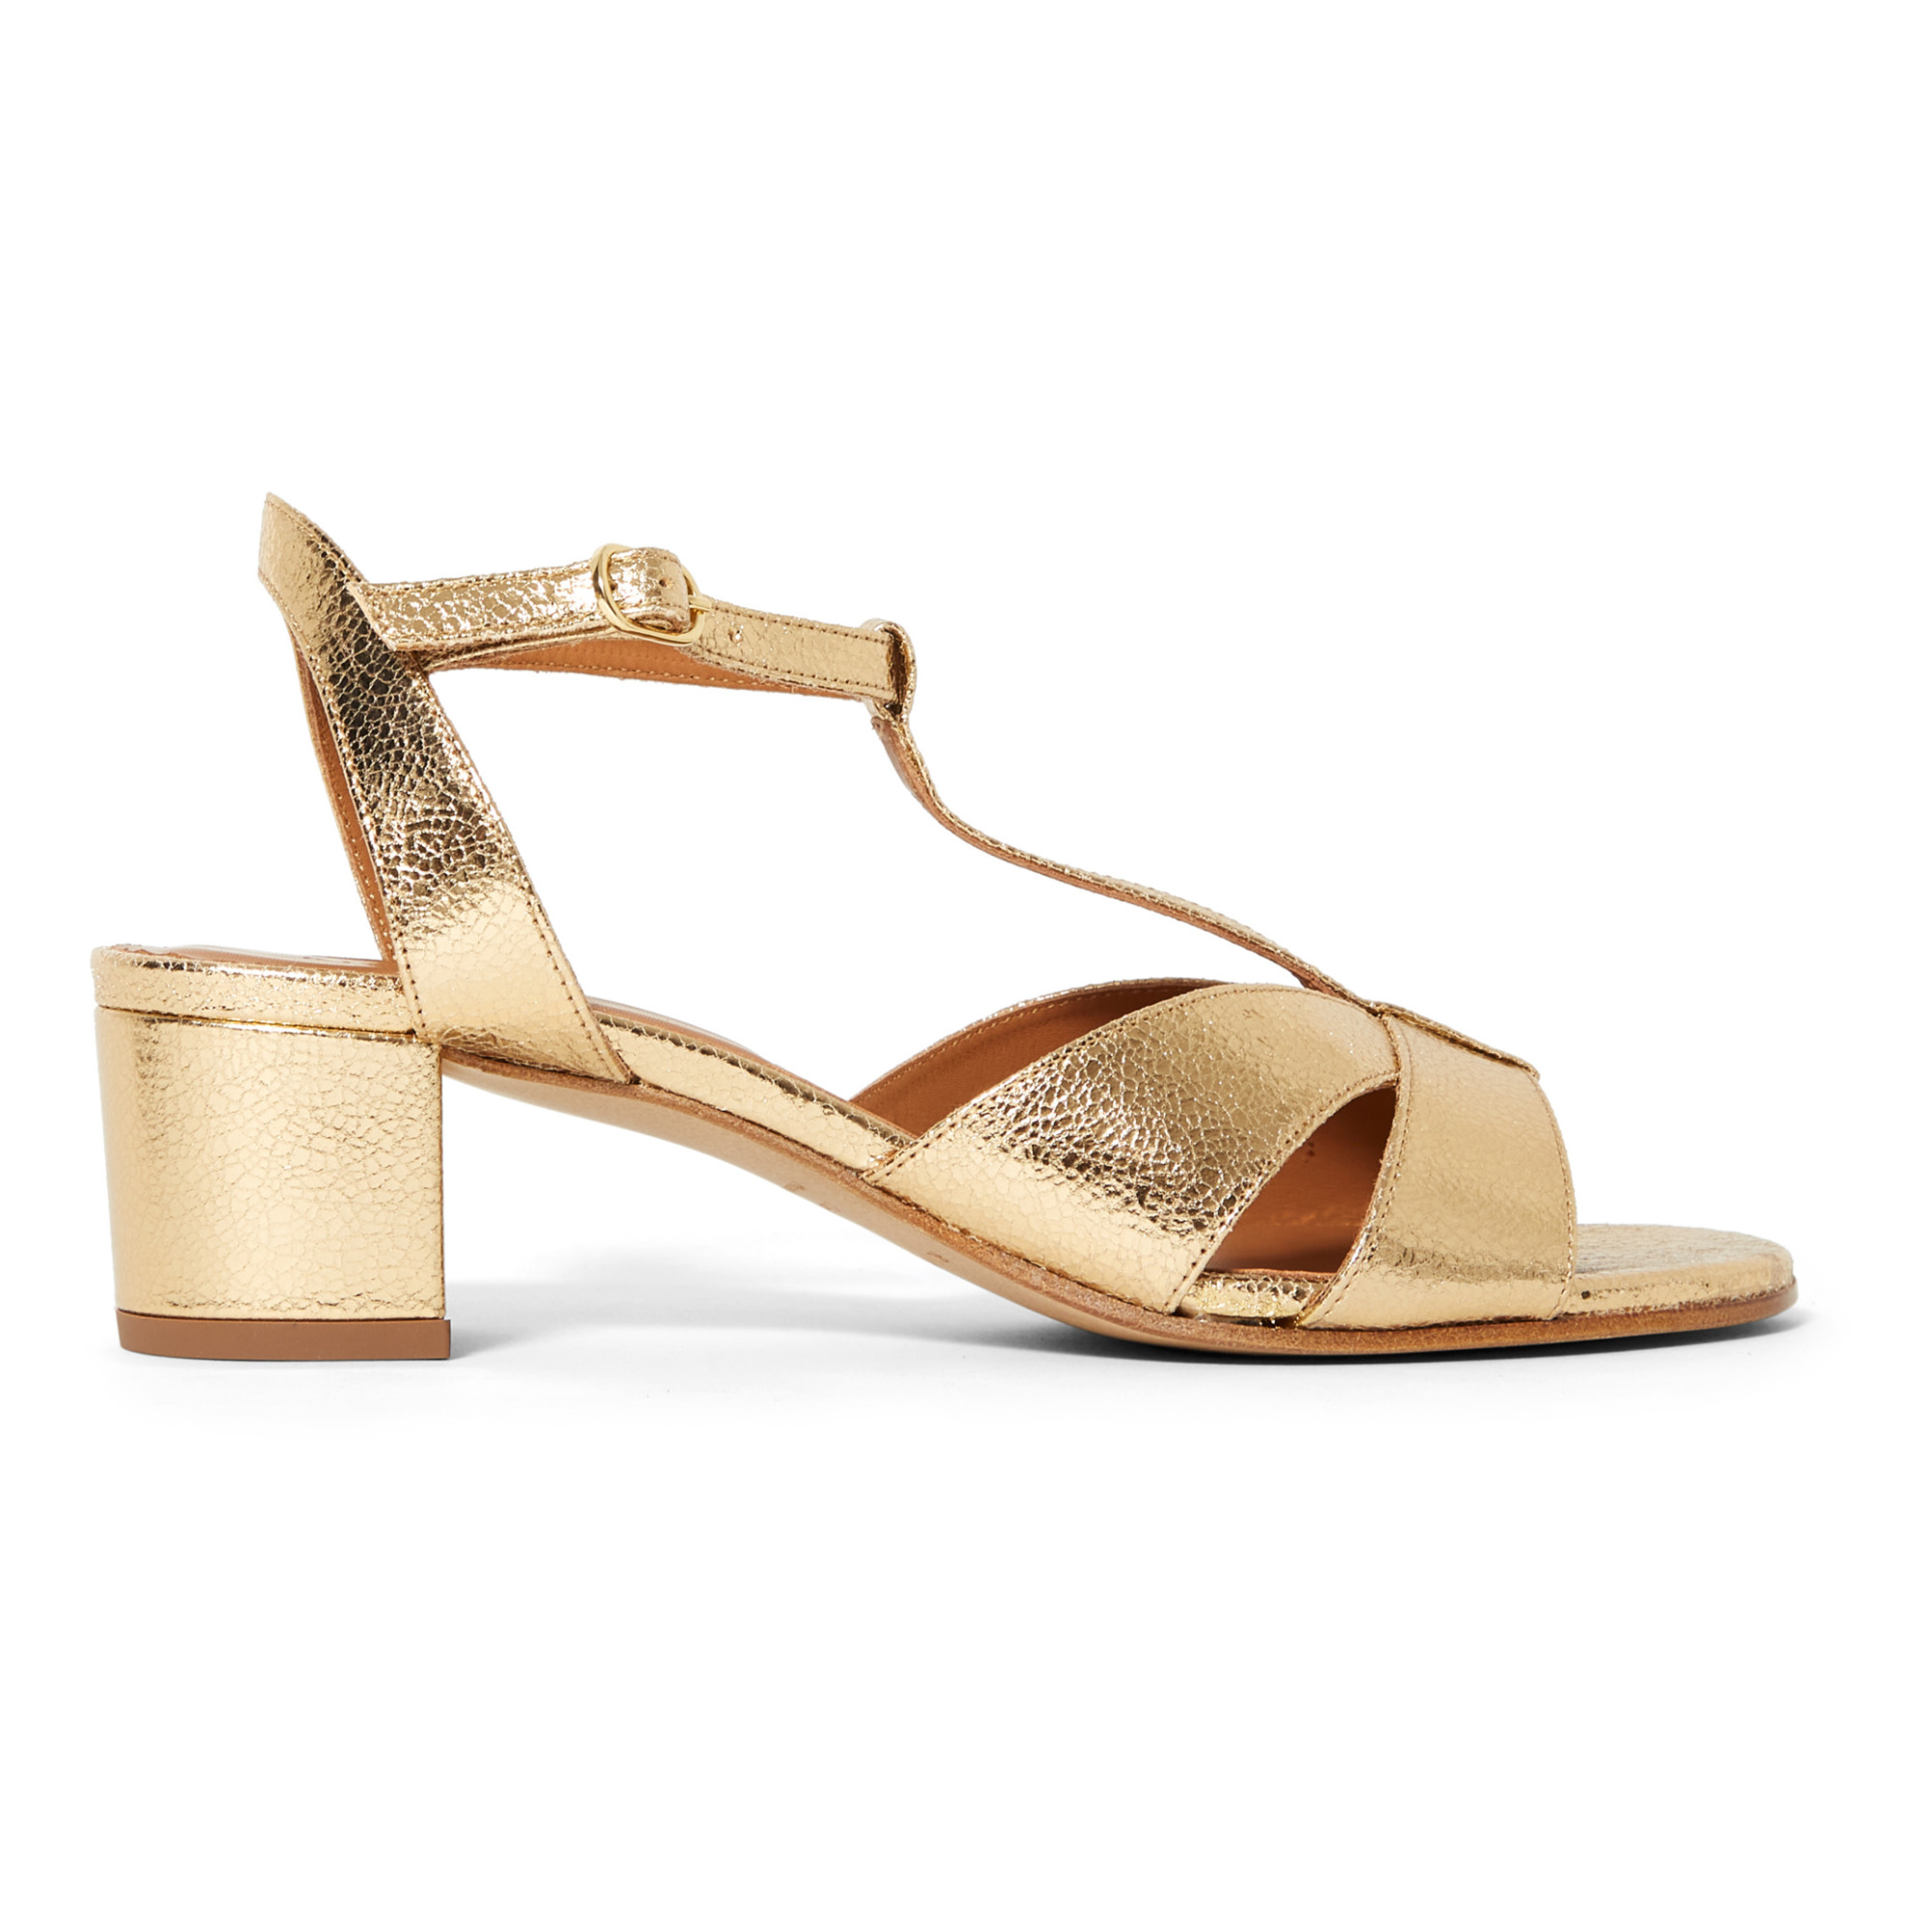 Sandales Cuir N°452